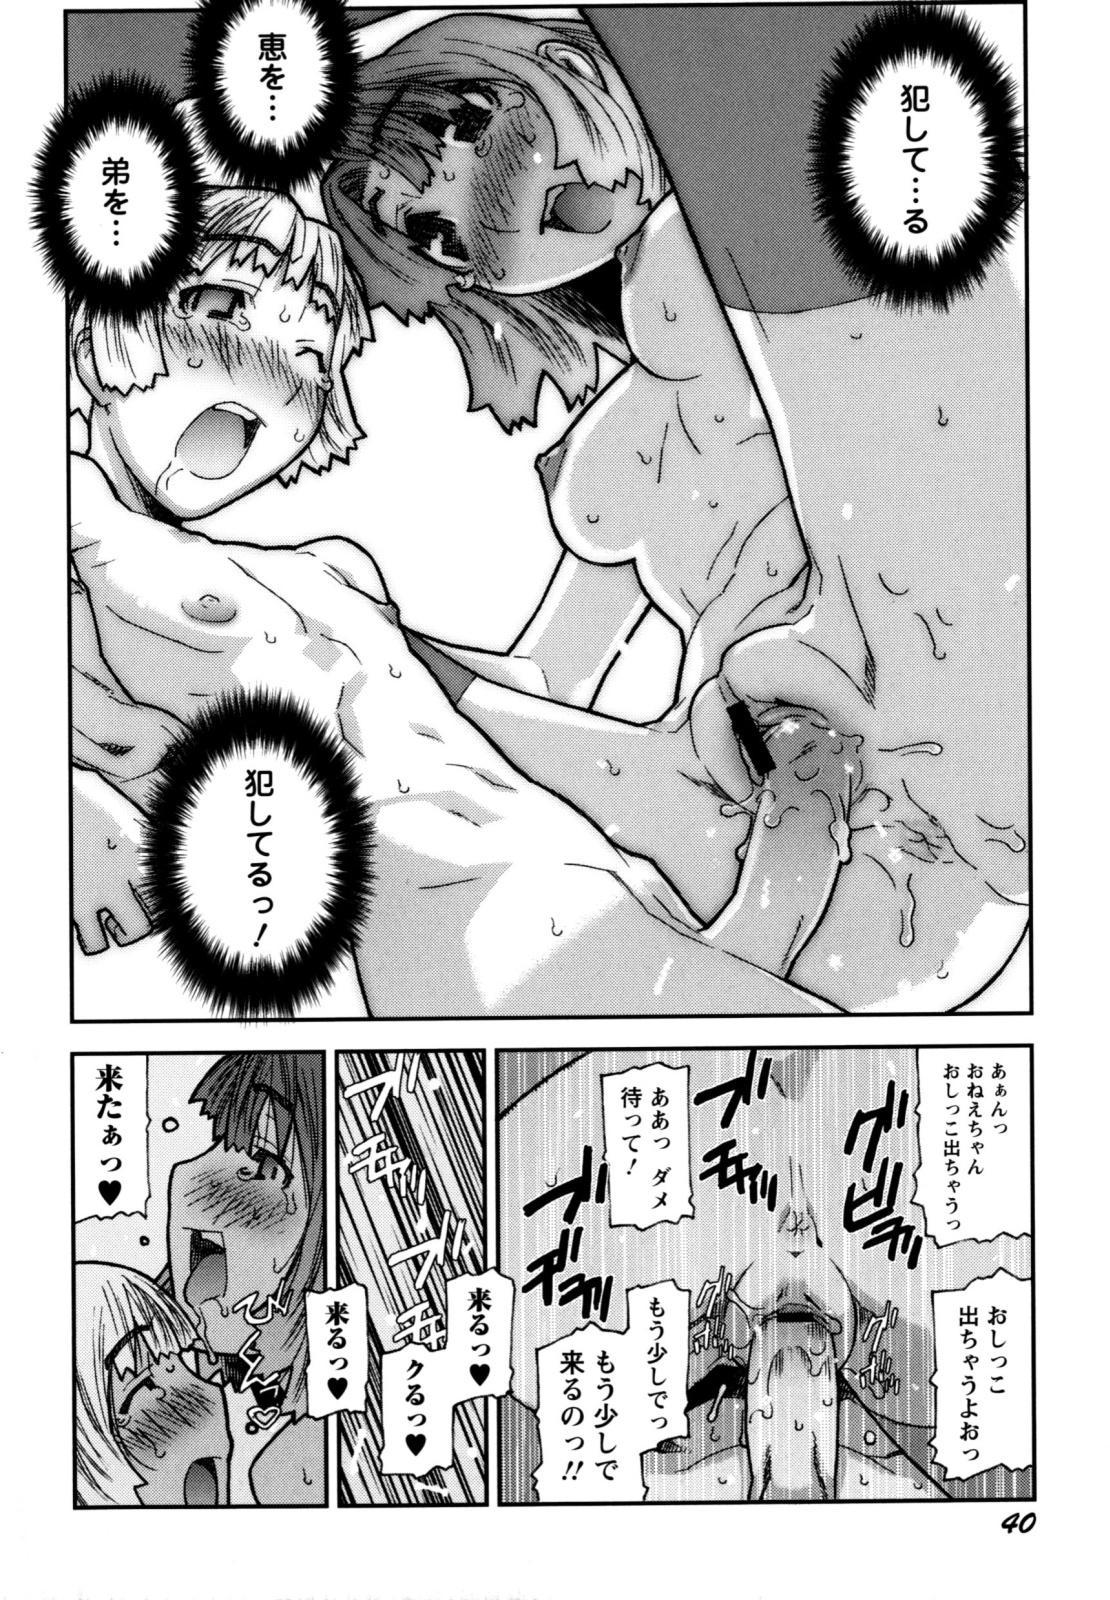 Fukuro no Nakami 43